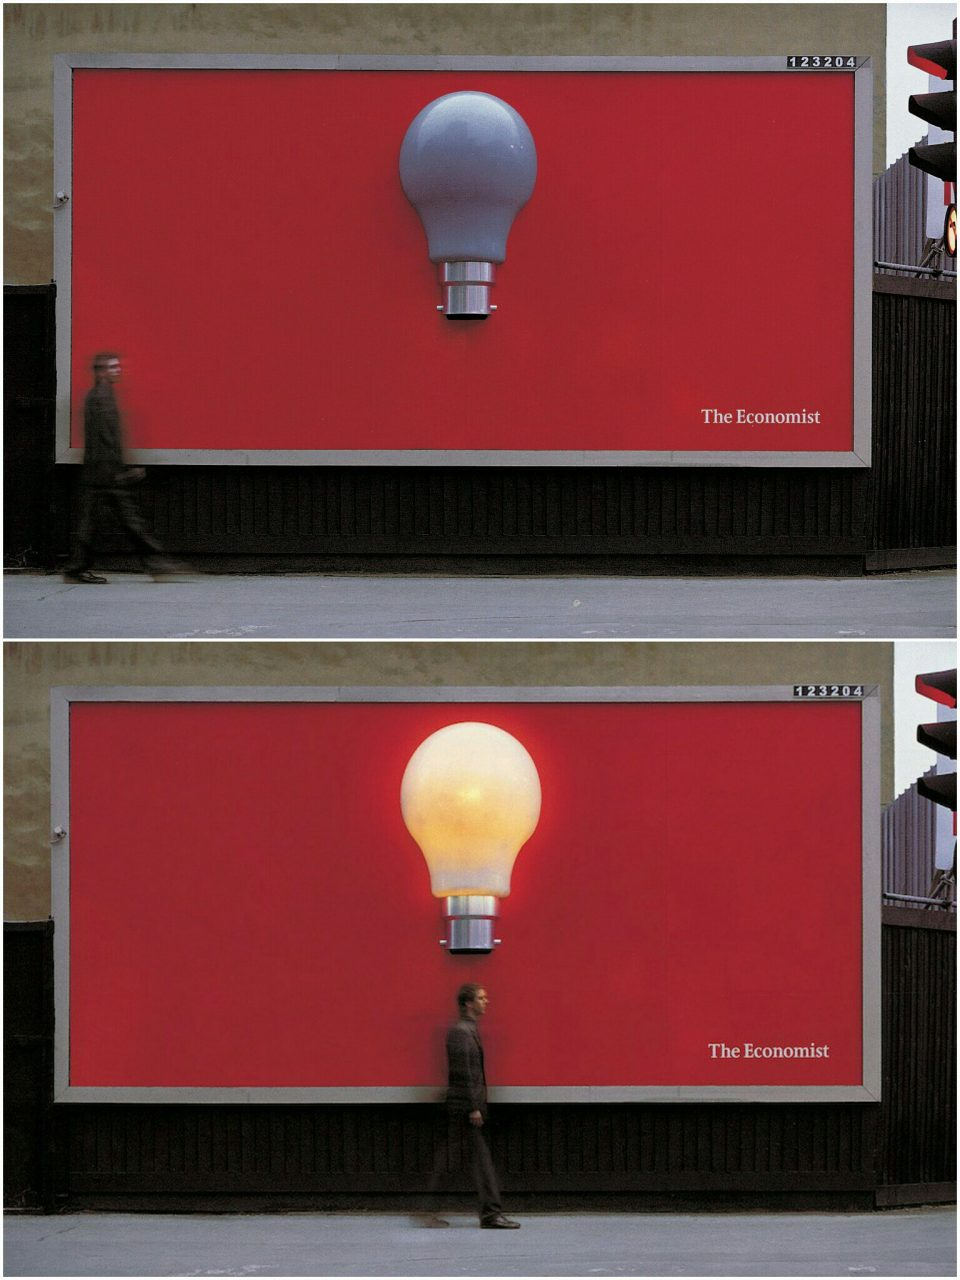 рекламное агенство the economist